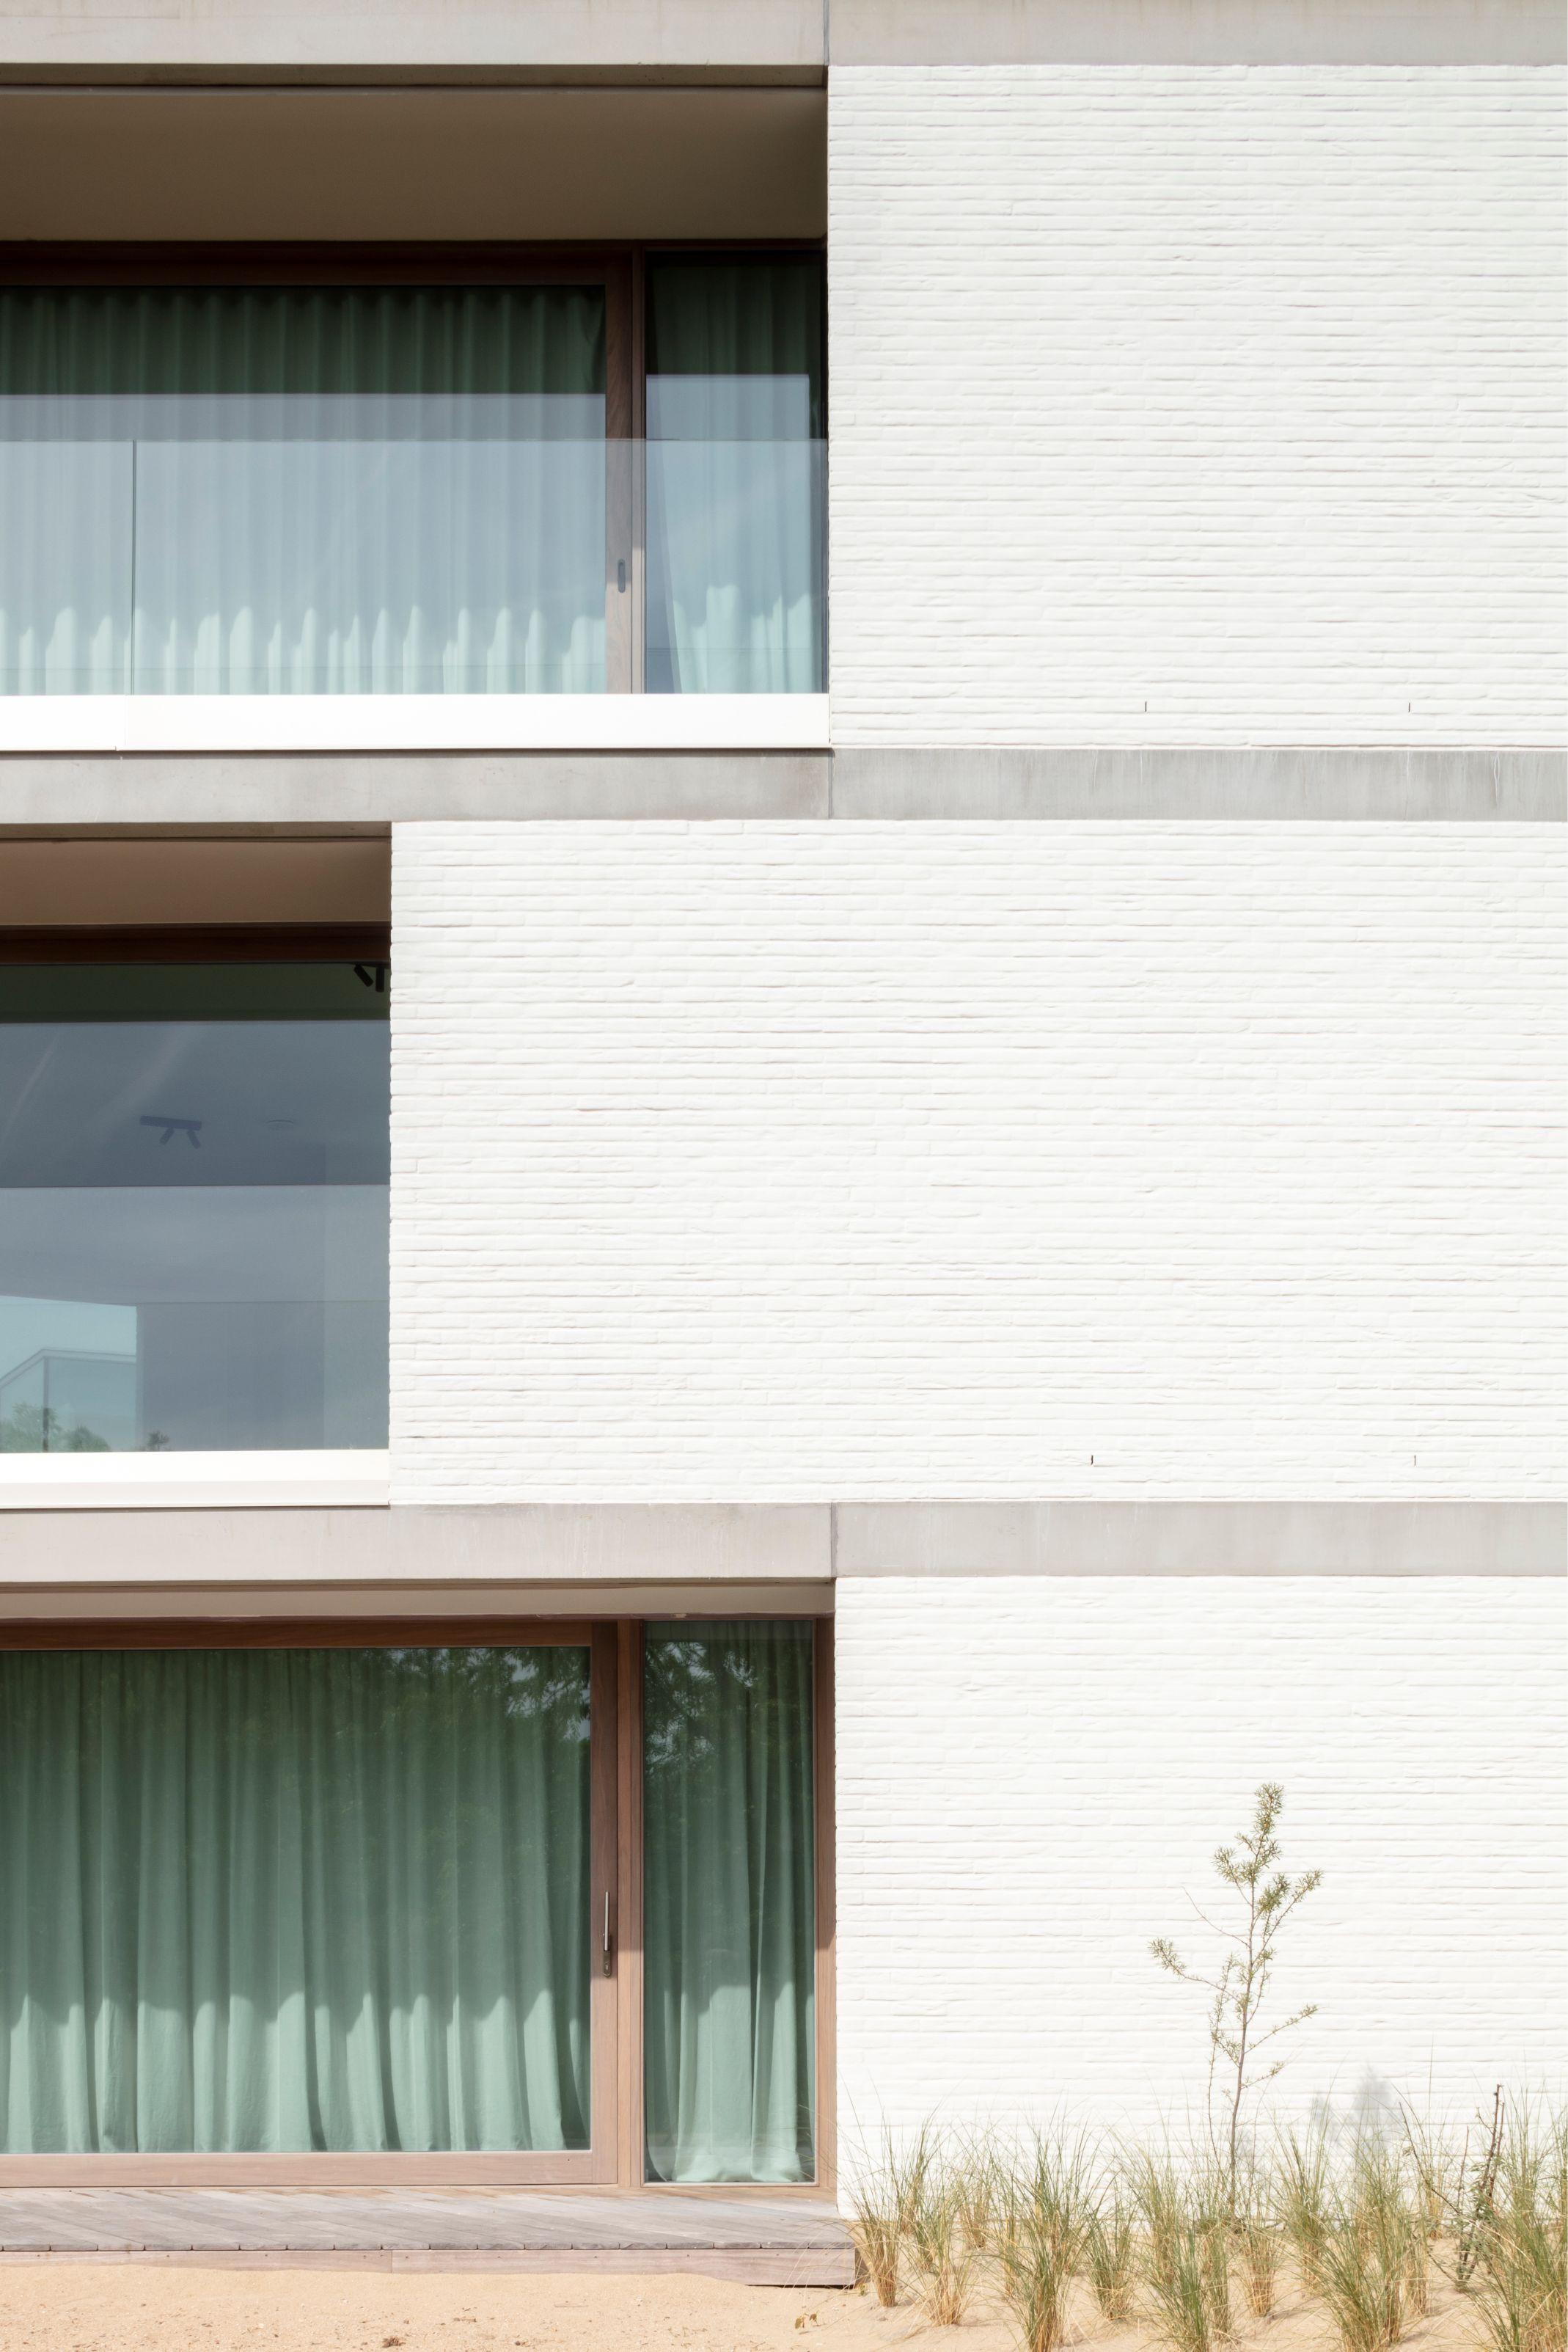 Hans Wegner - Rietveldprojects - Koksijde - Tvdv19